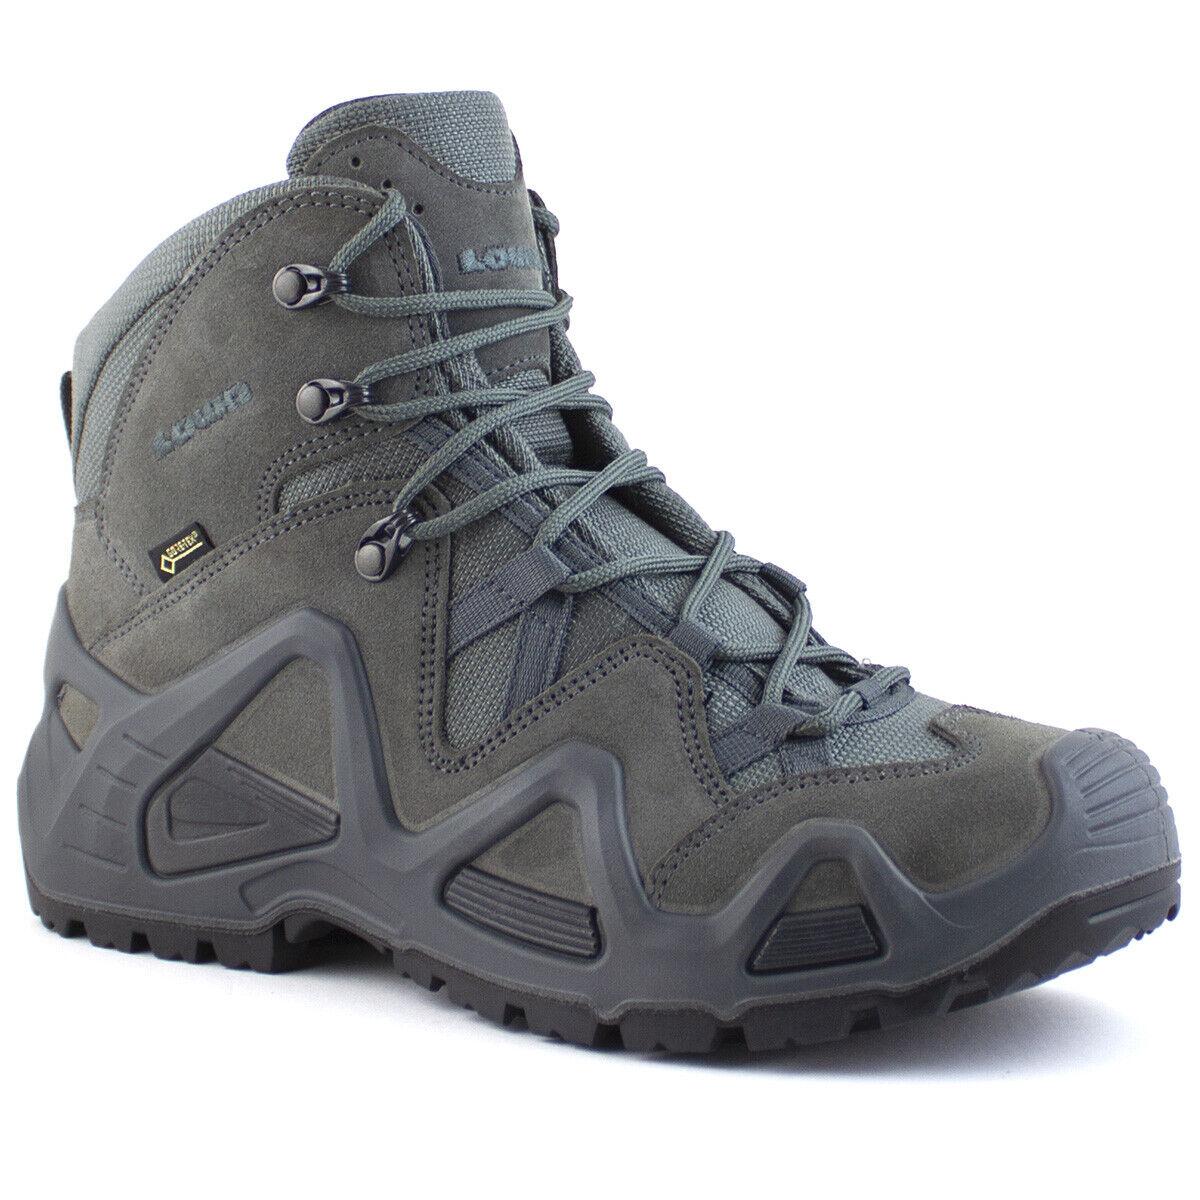 Lowa Zephyr GTX Mid TF Para Hombre Táctica Impermeable Gore-Tex botas Para Caminar gris